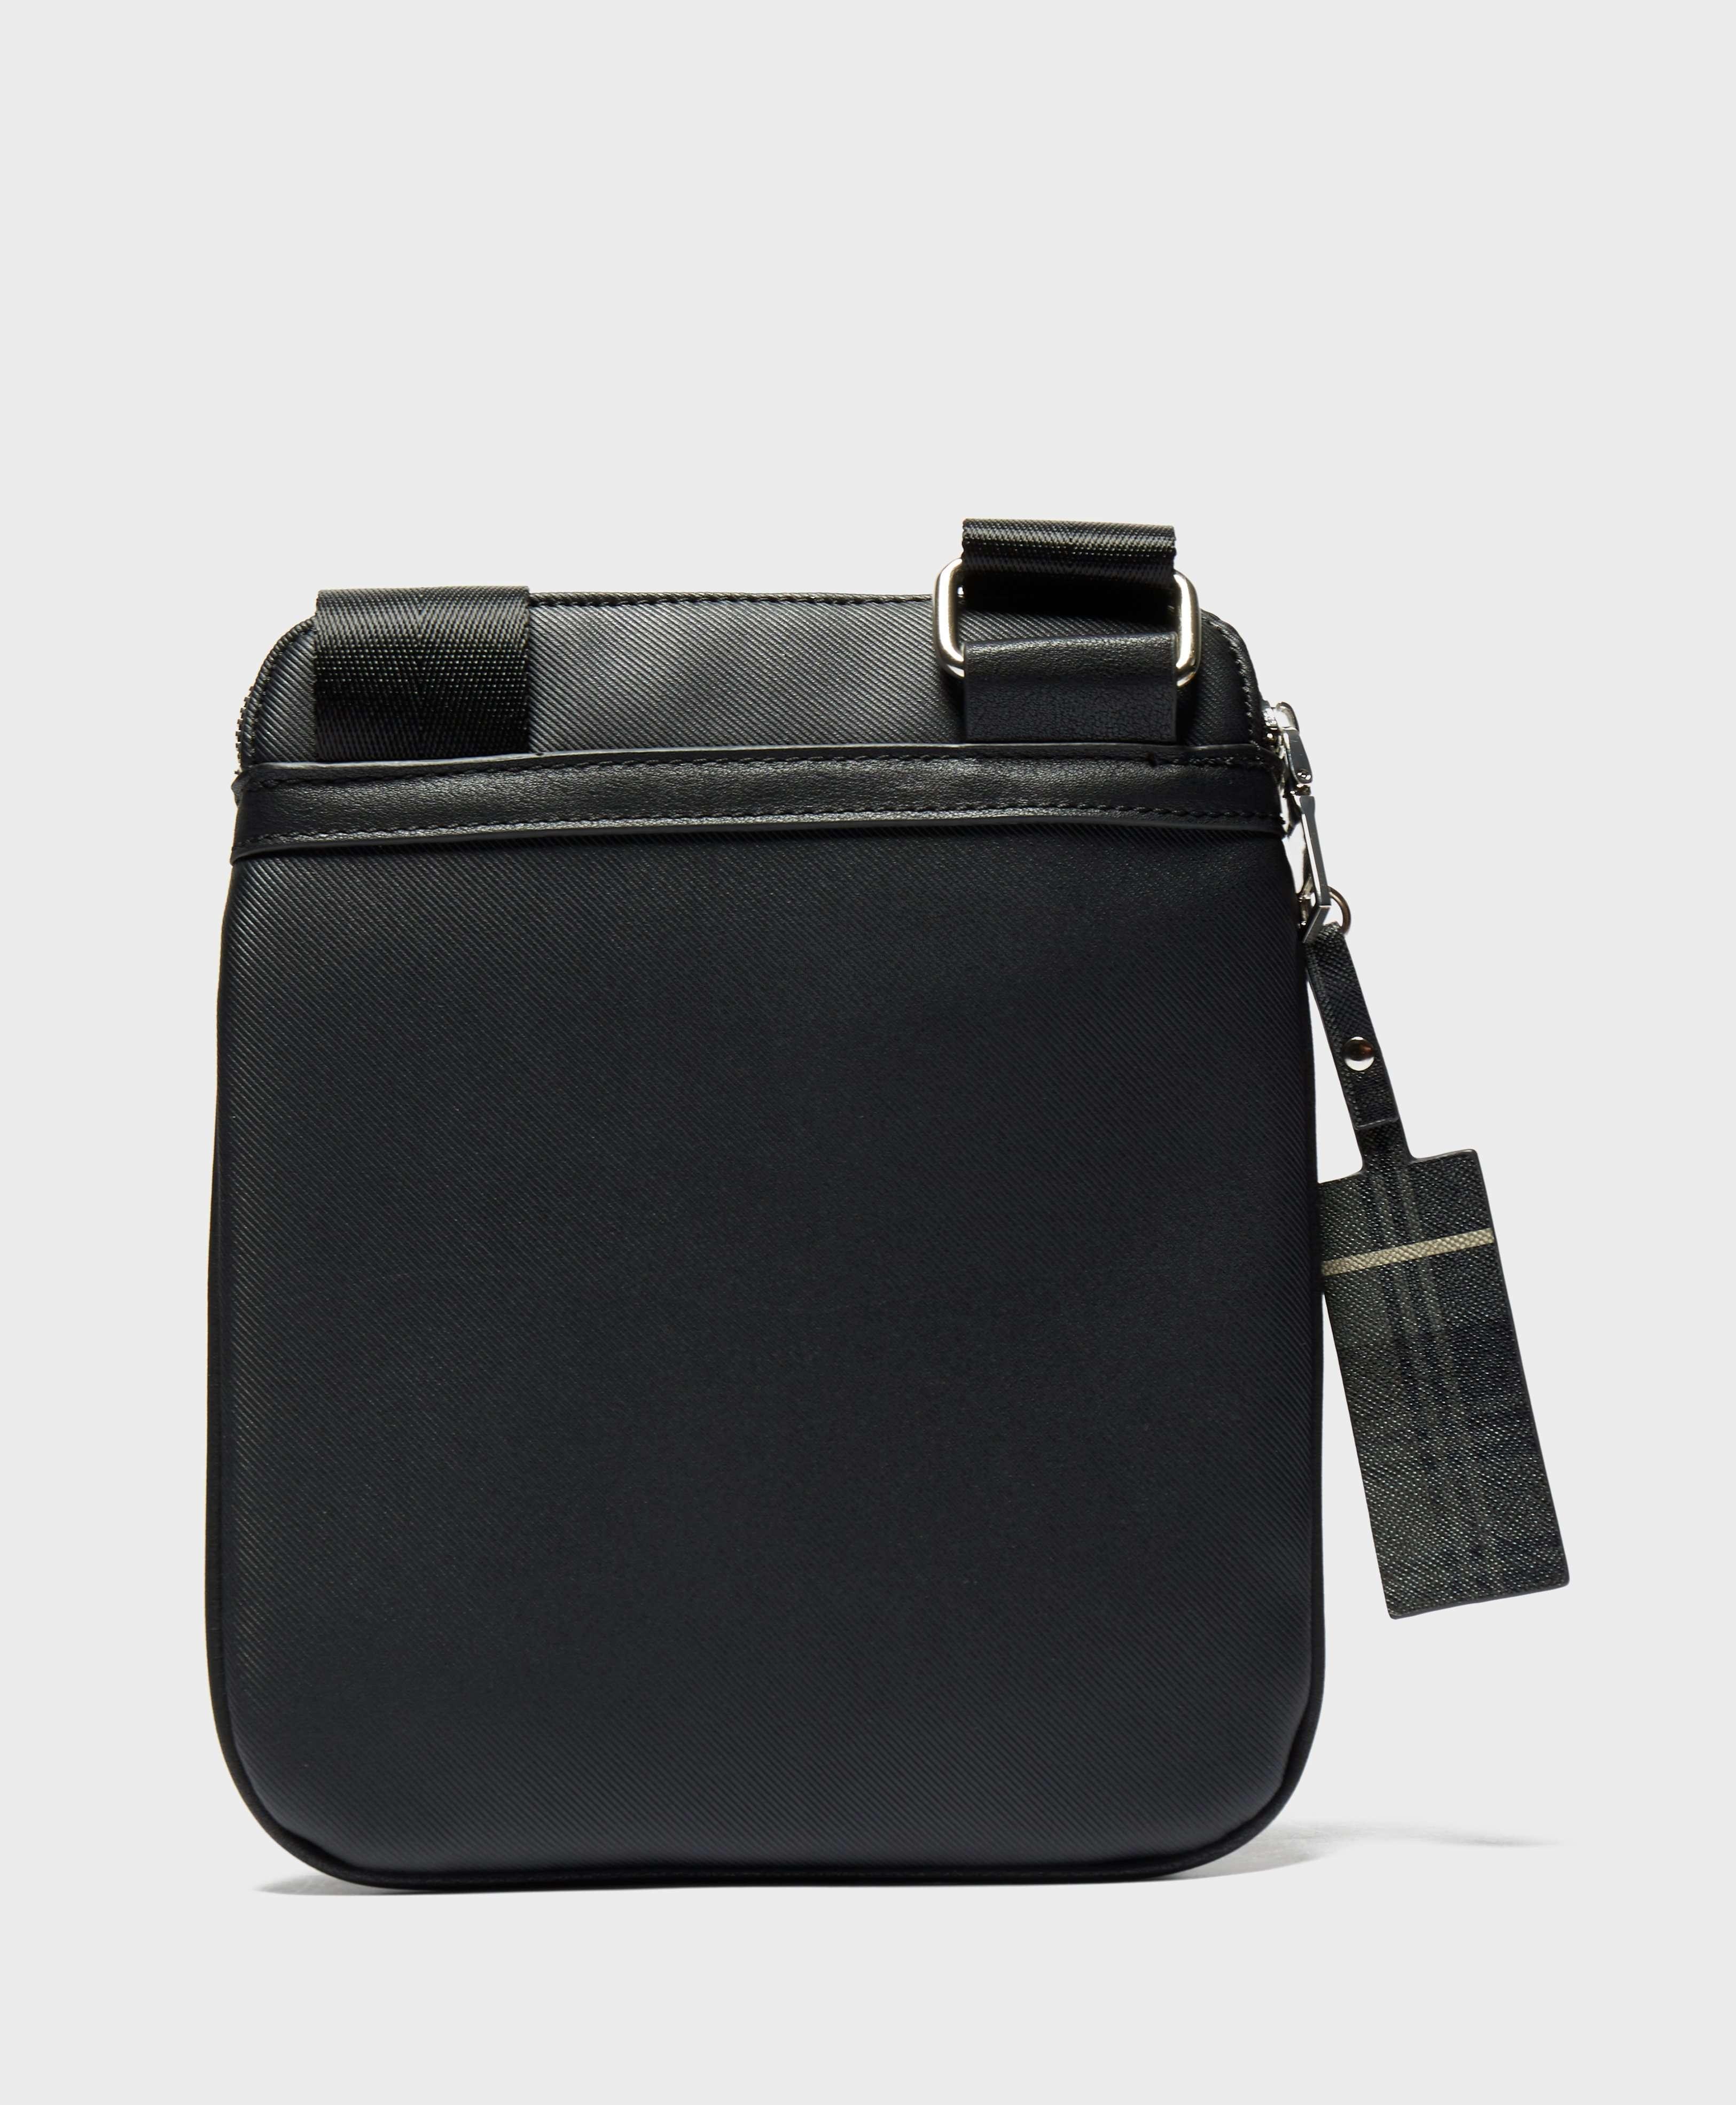 Valentino by Mario Valentino Saffiano Pouch Bag